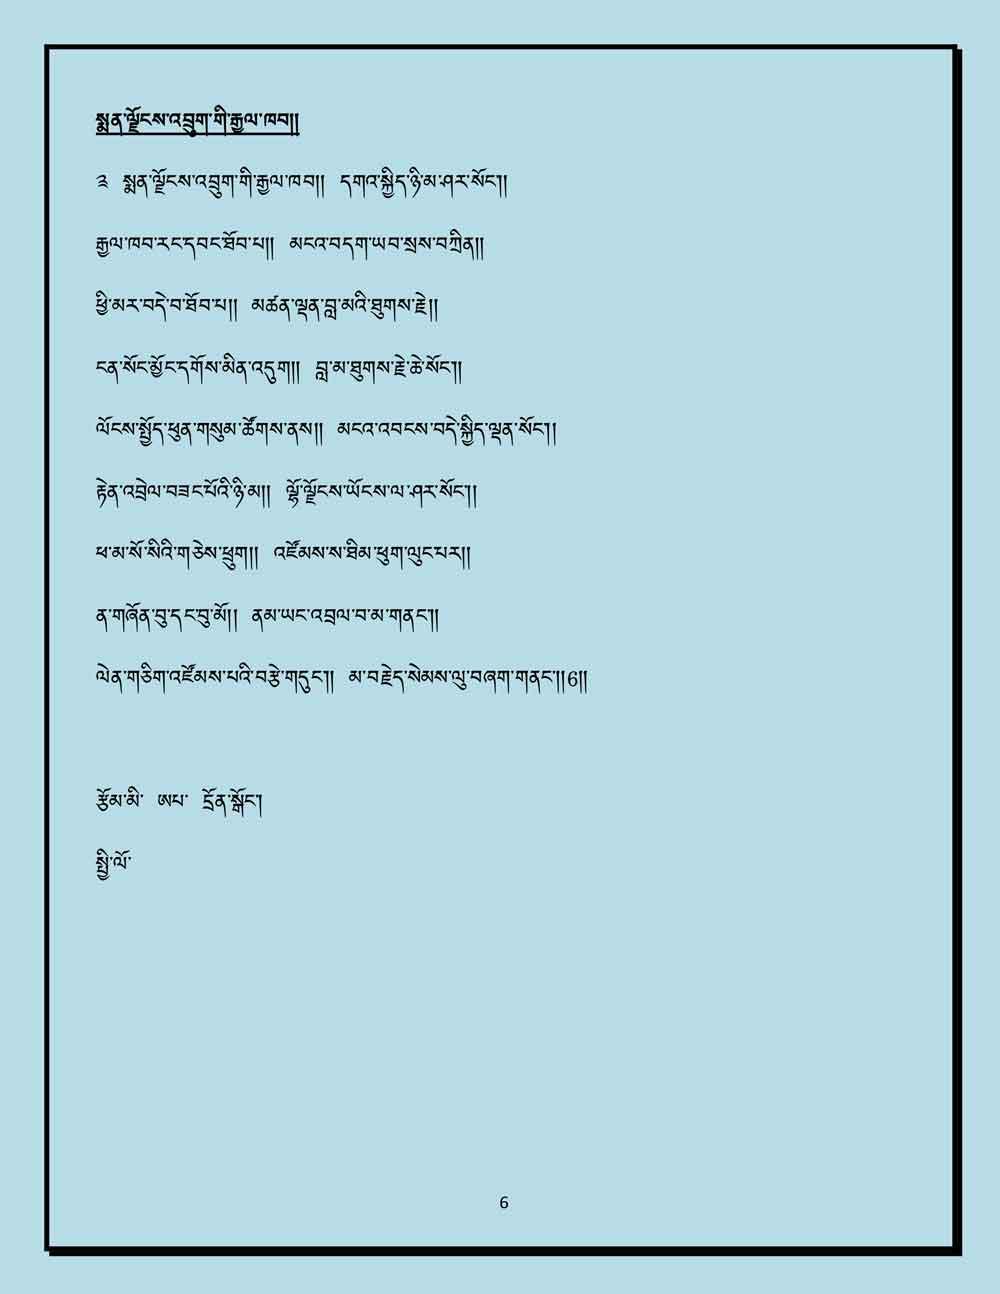 Ap-Dengo-Lyrics-6.jpg